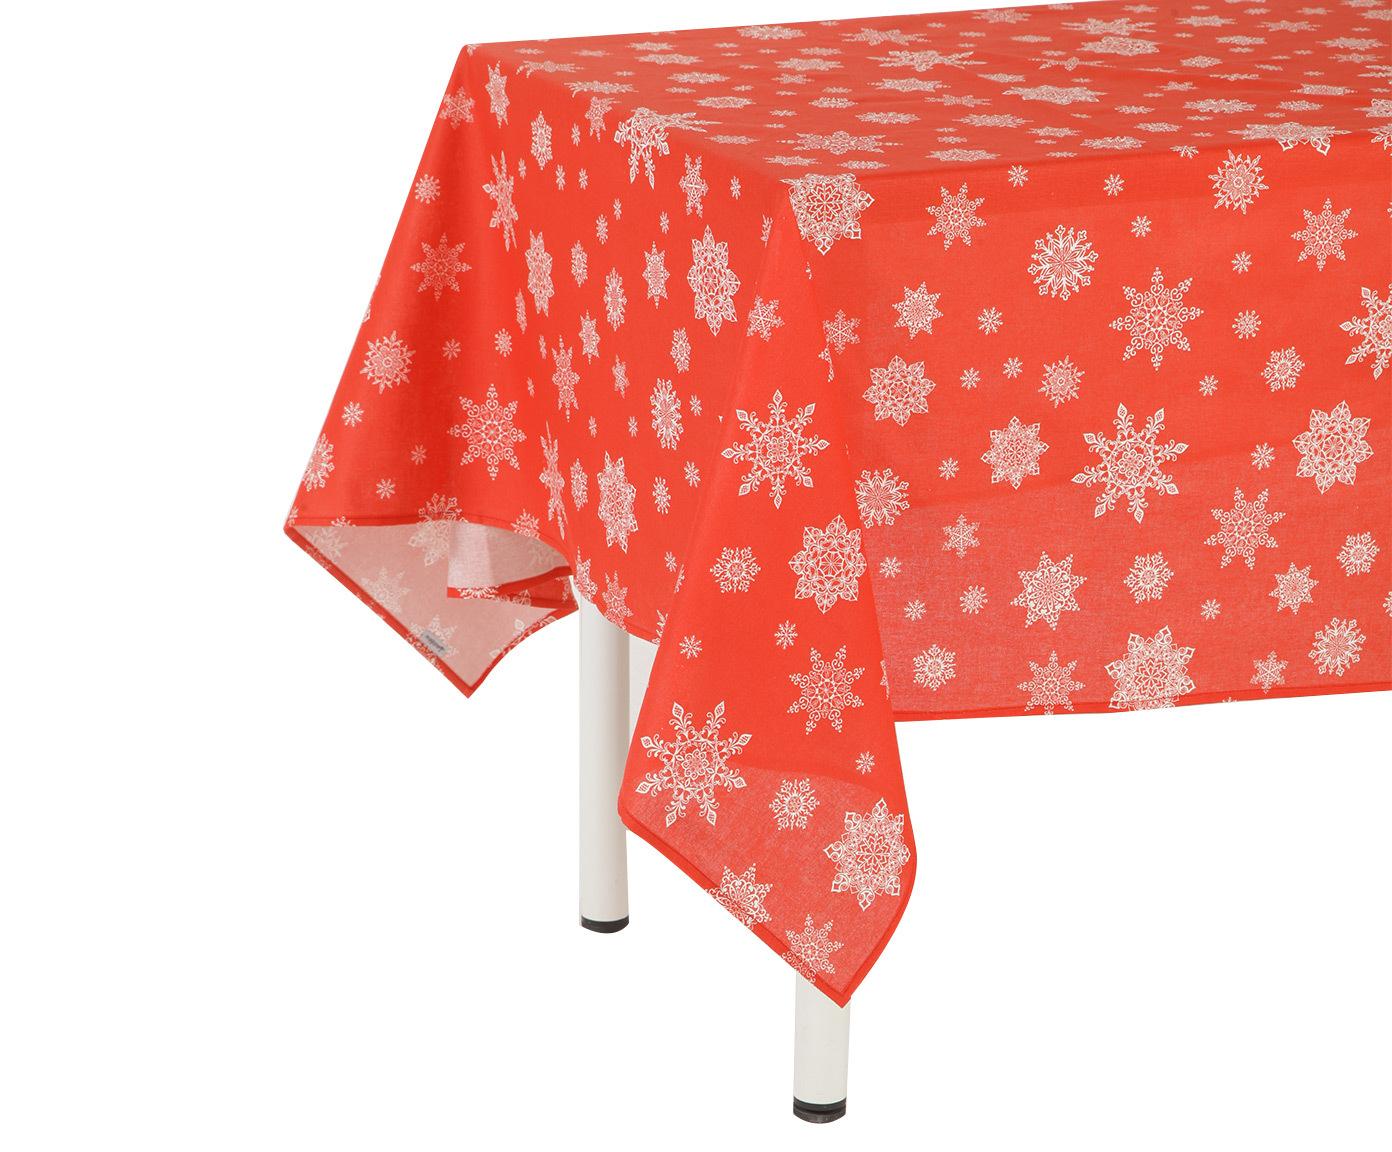 СкатертьСкатерти<br>Скатерть с новогодней тематикой создаст за столом торжественно праздничную, но в то же время тёплую и уютную атмосферу. Эстетичный и функциональный аксессуар превратит любой обед в маленькое событие. Изысканный узор теплого оттенка внесёт благородную изысканность в столовое пространство. Плотная хлопковая ткань легко стирается и не изнашивается. Обедайте красиво!<br><br>Material: Хлопок<br>Length см: None<br>Width см: 145<br>Depth см: 220<br>Diameter см: None